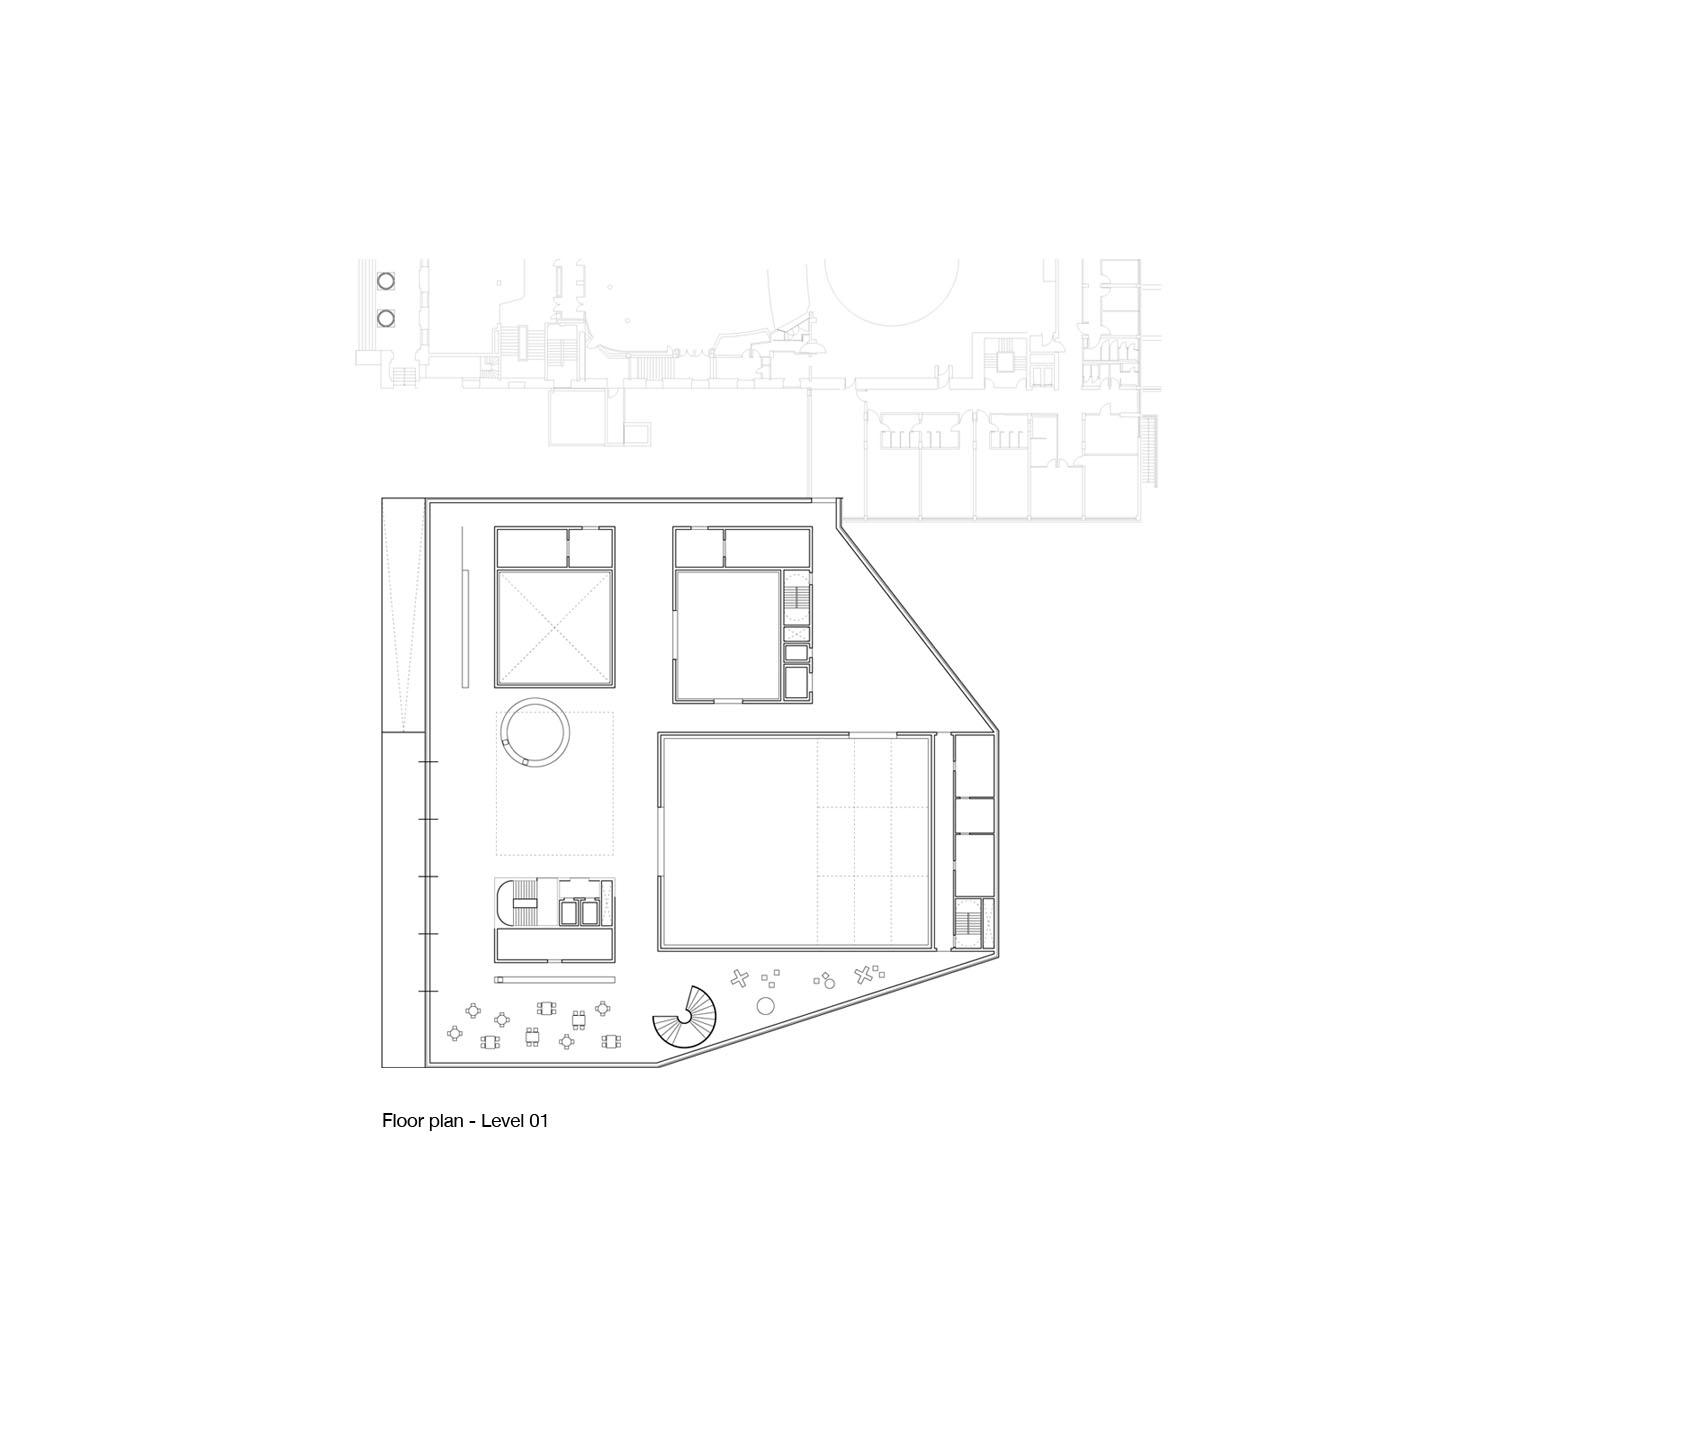 Haus der Musik-Image 13.jpg